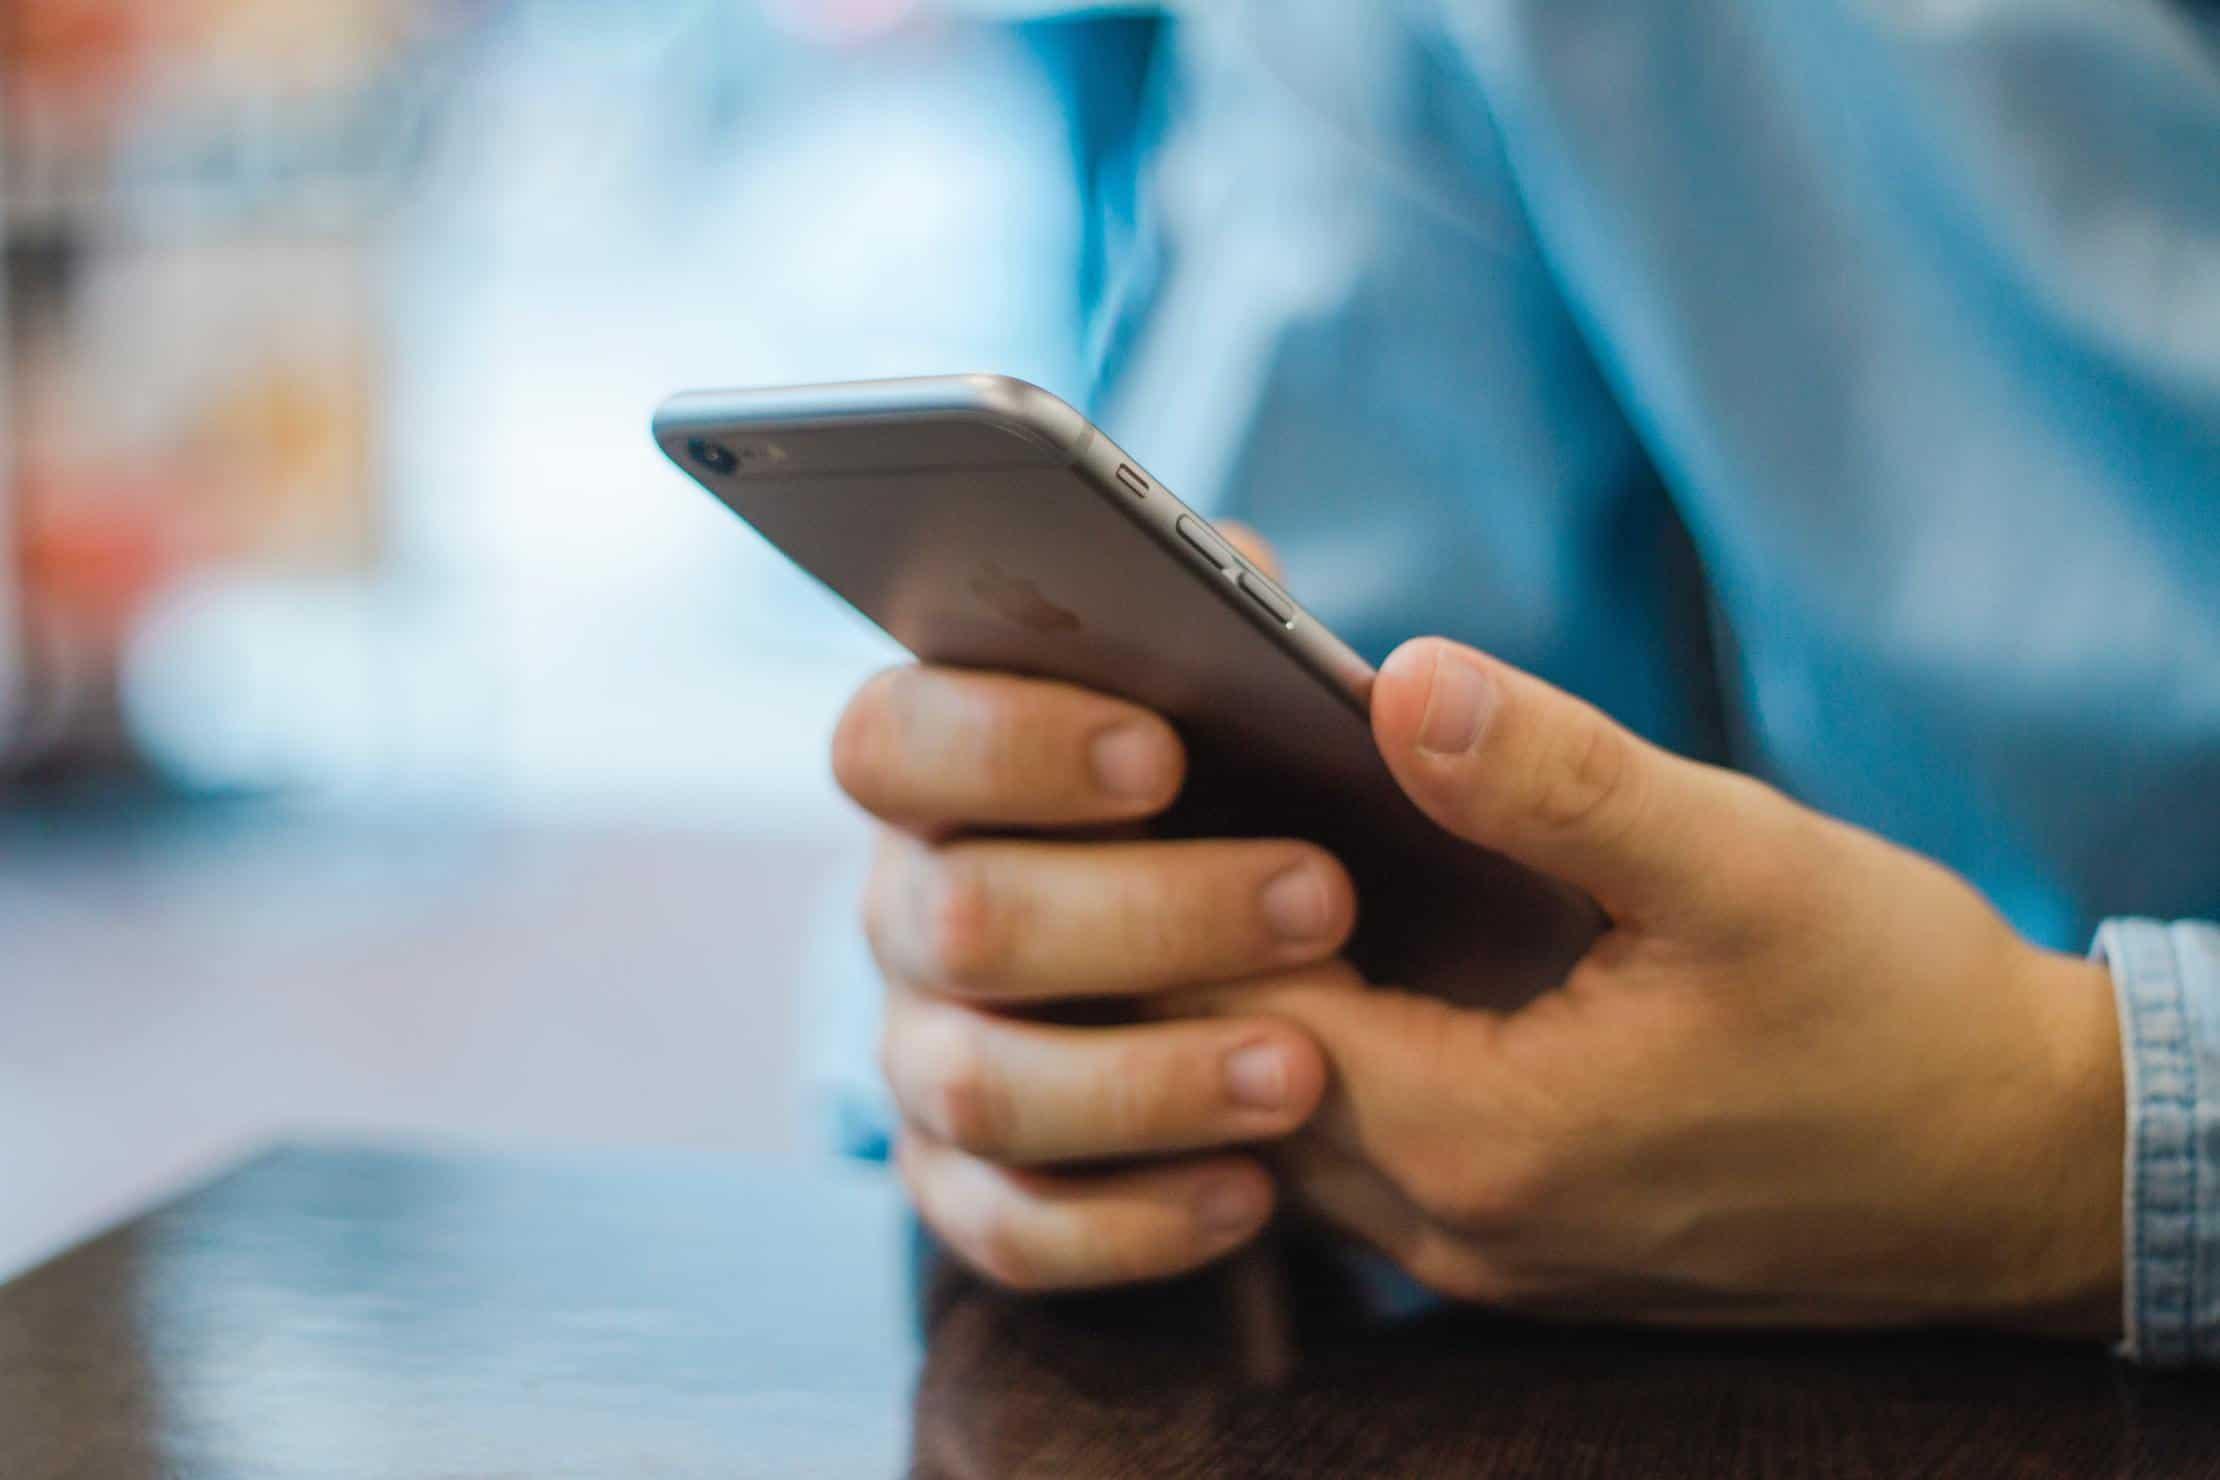 99 procent av alla piratkopierade iPhone laddare anses vara